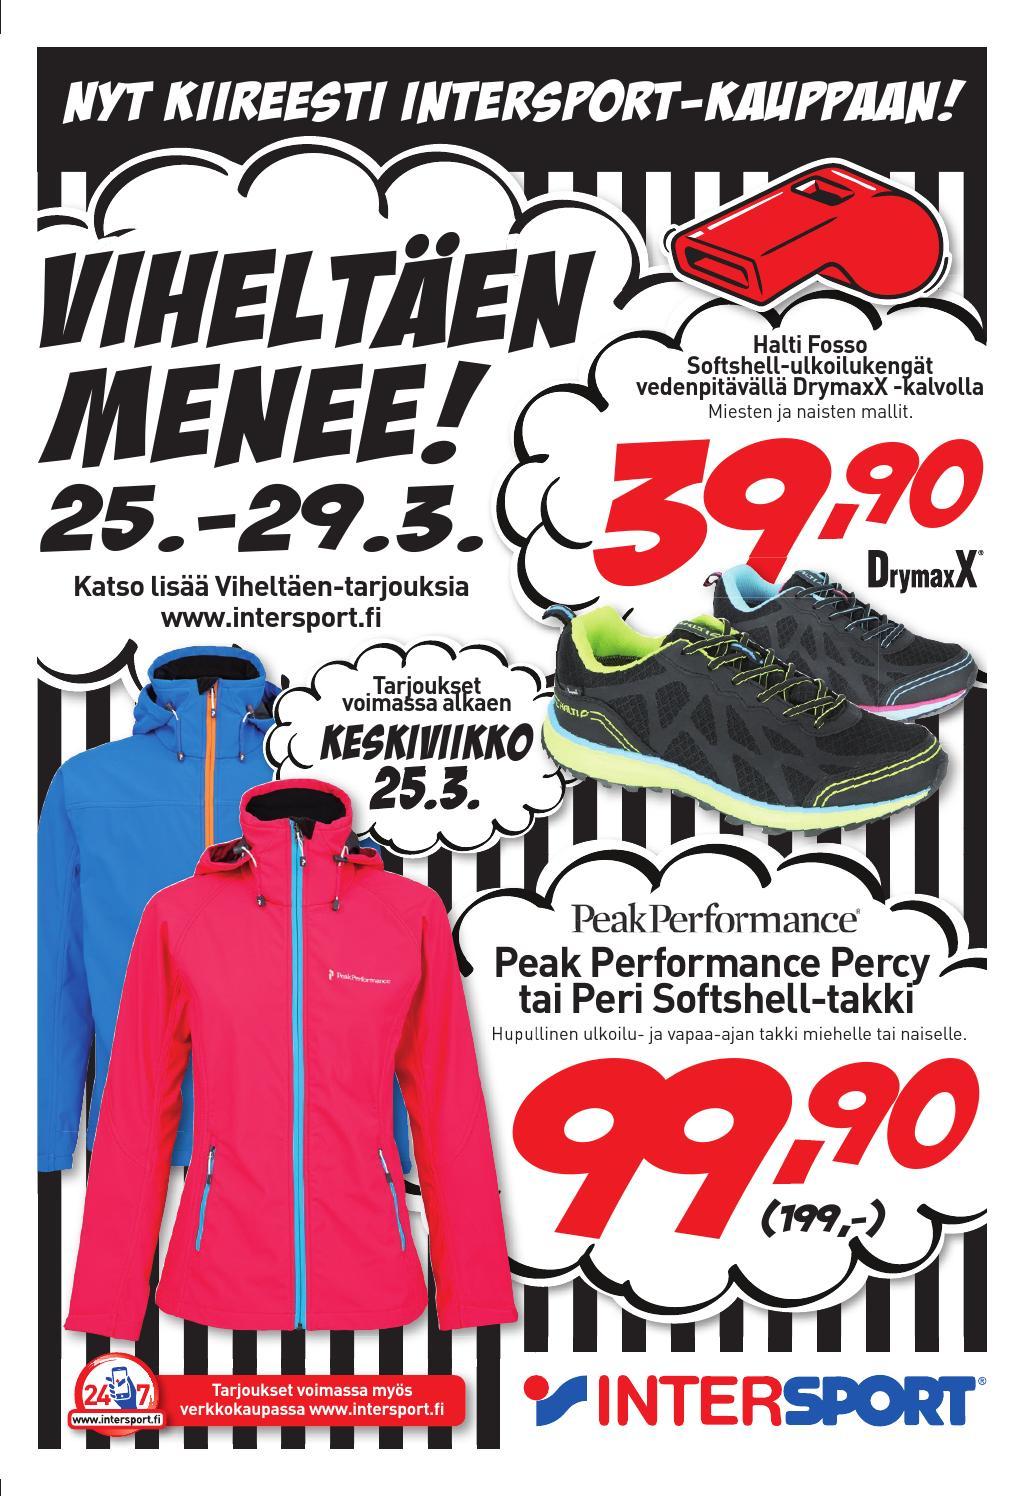 Viheltäen menee  by intersport finland page